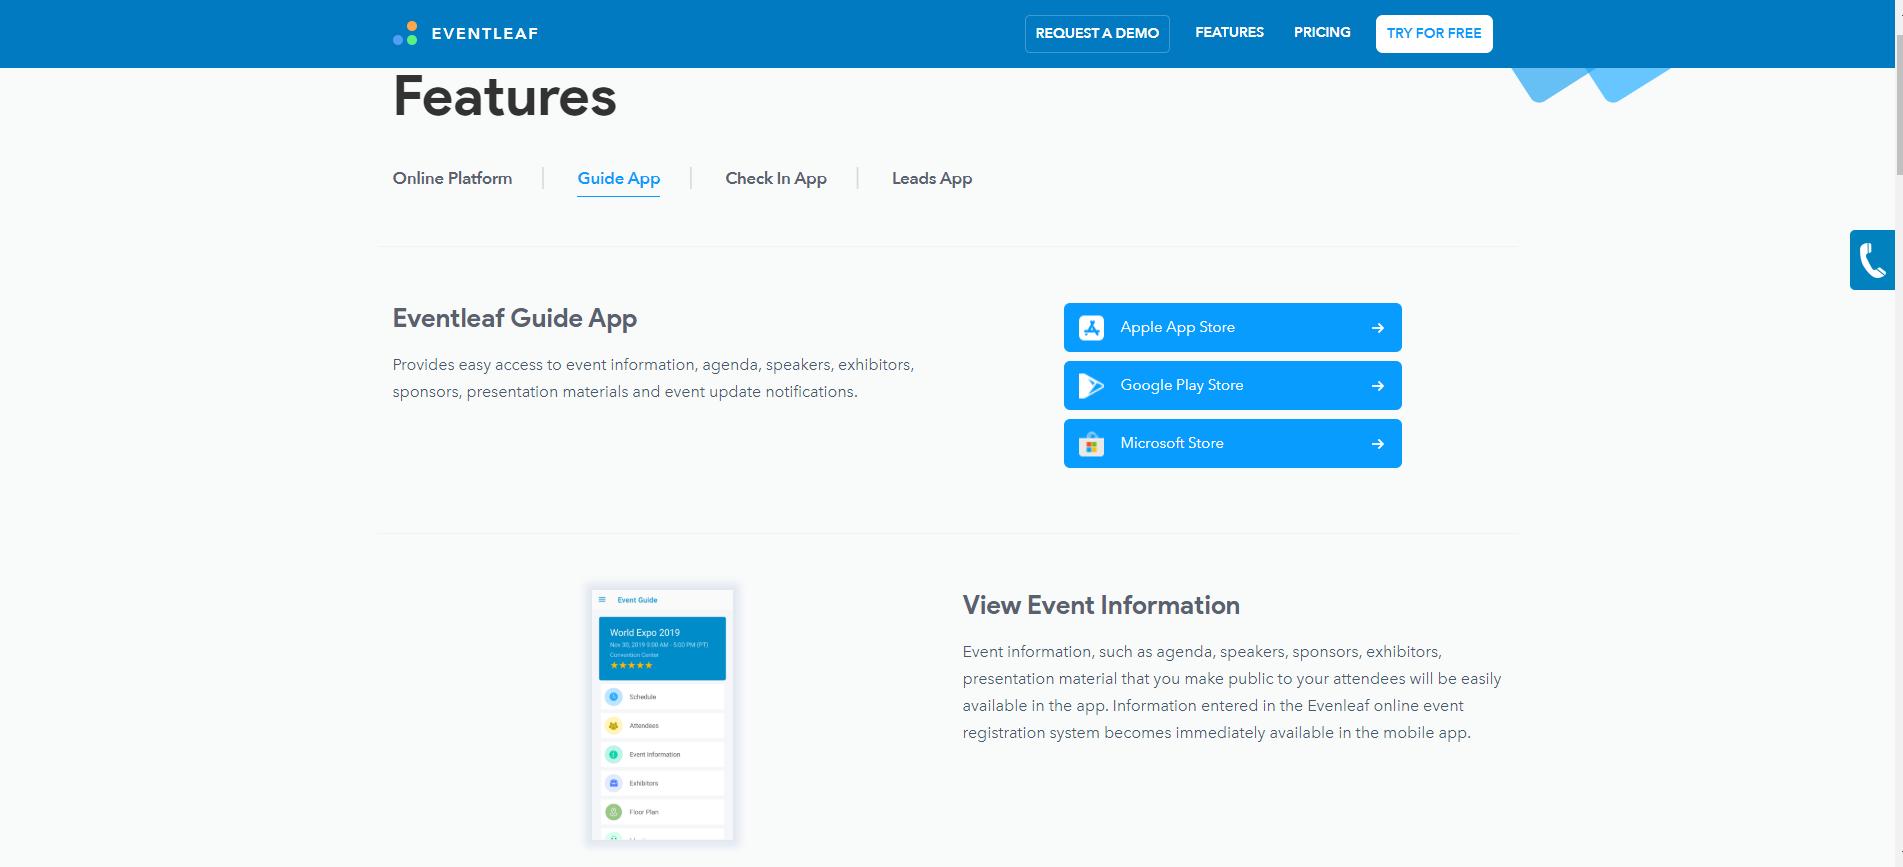 Eventleaf-Eventleaf_Guide_App_Mobile_Event_App_For_Conference_Attendees